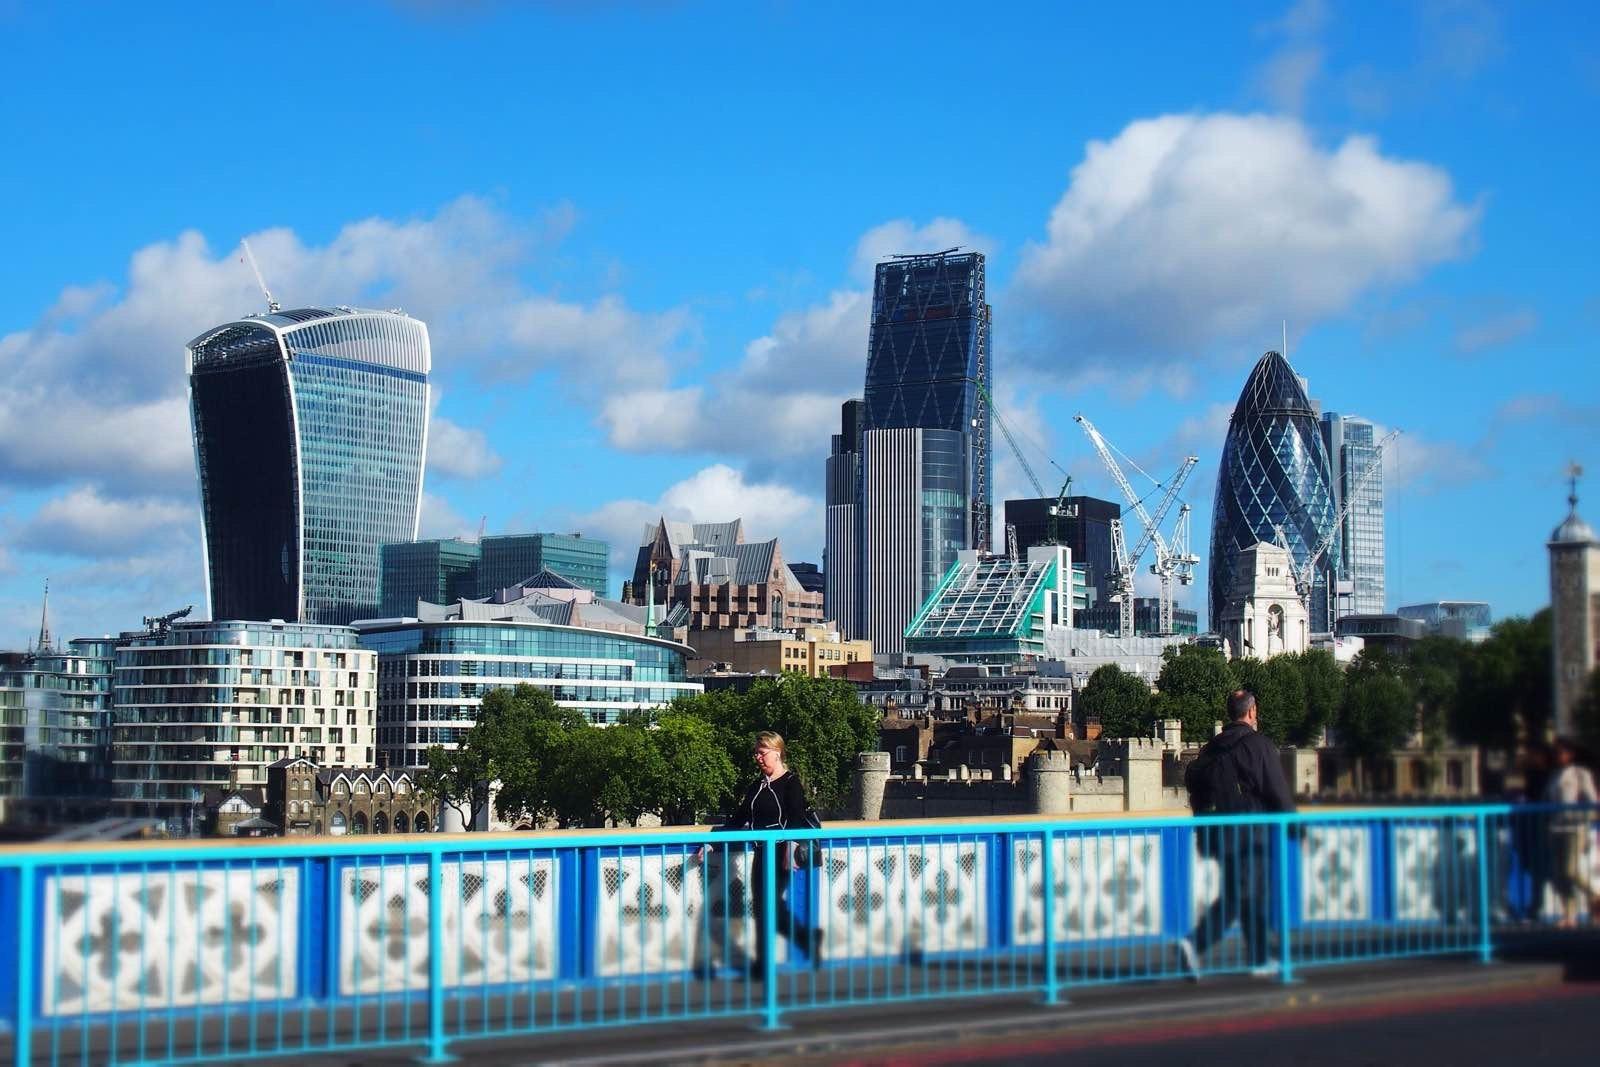 伦敦塔桥 这一上午的旅行不会太累